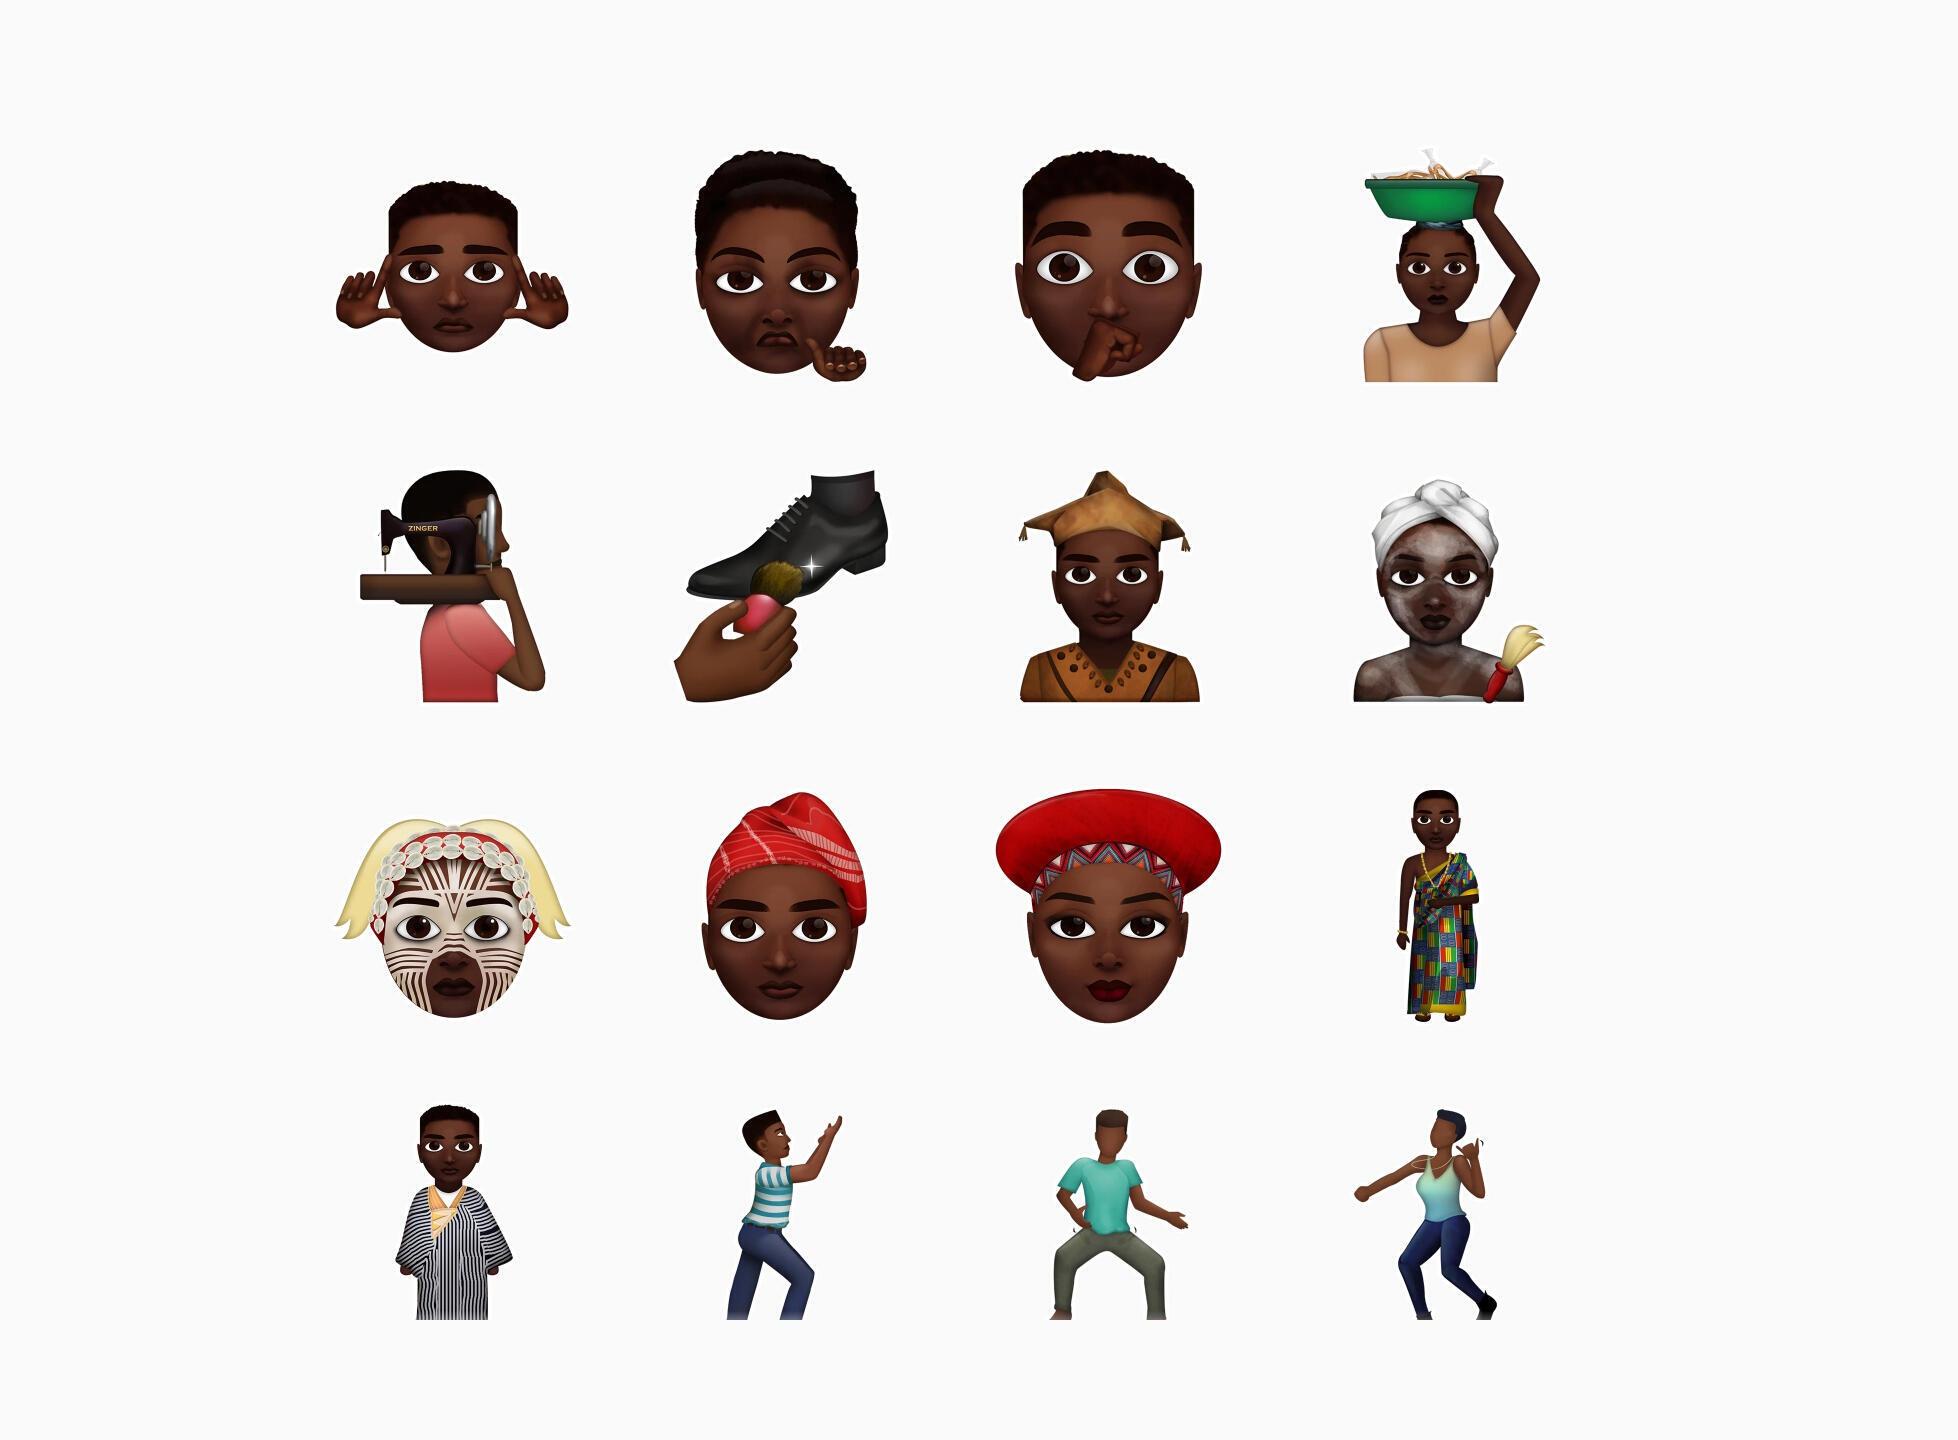 Des émojis africains, les Zouzoukwa.